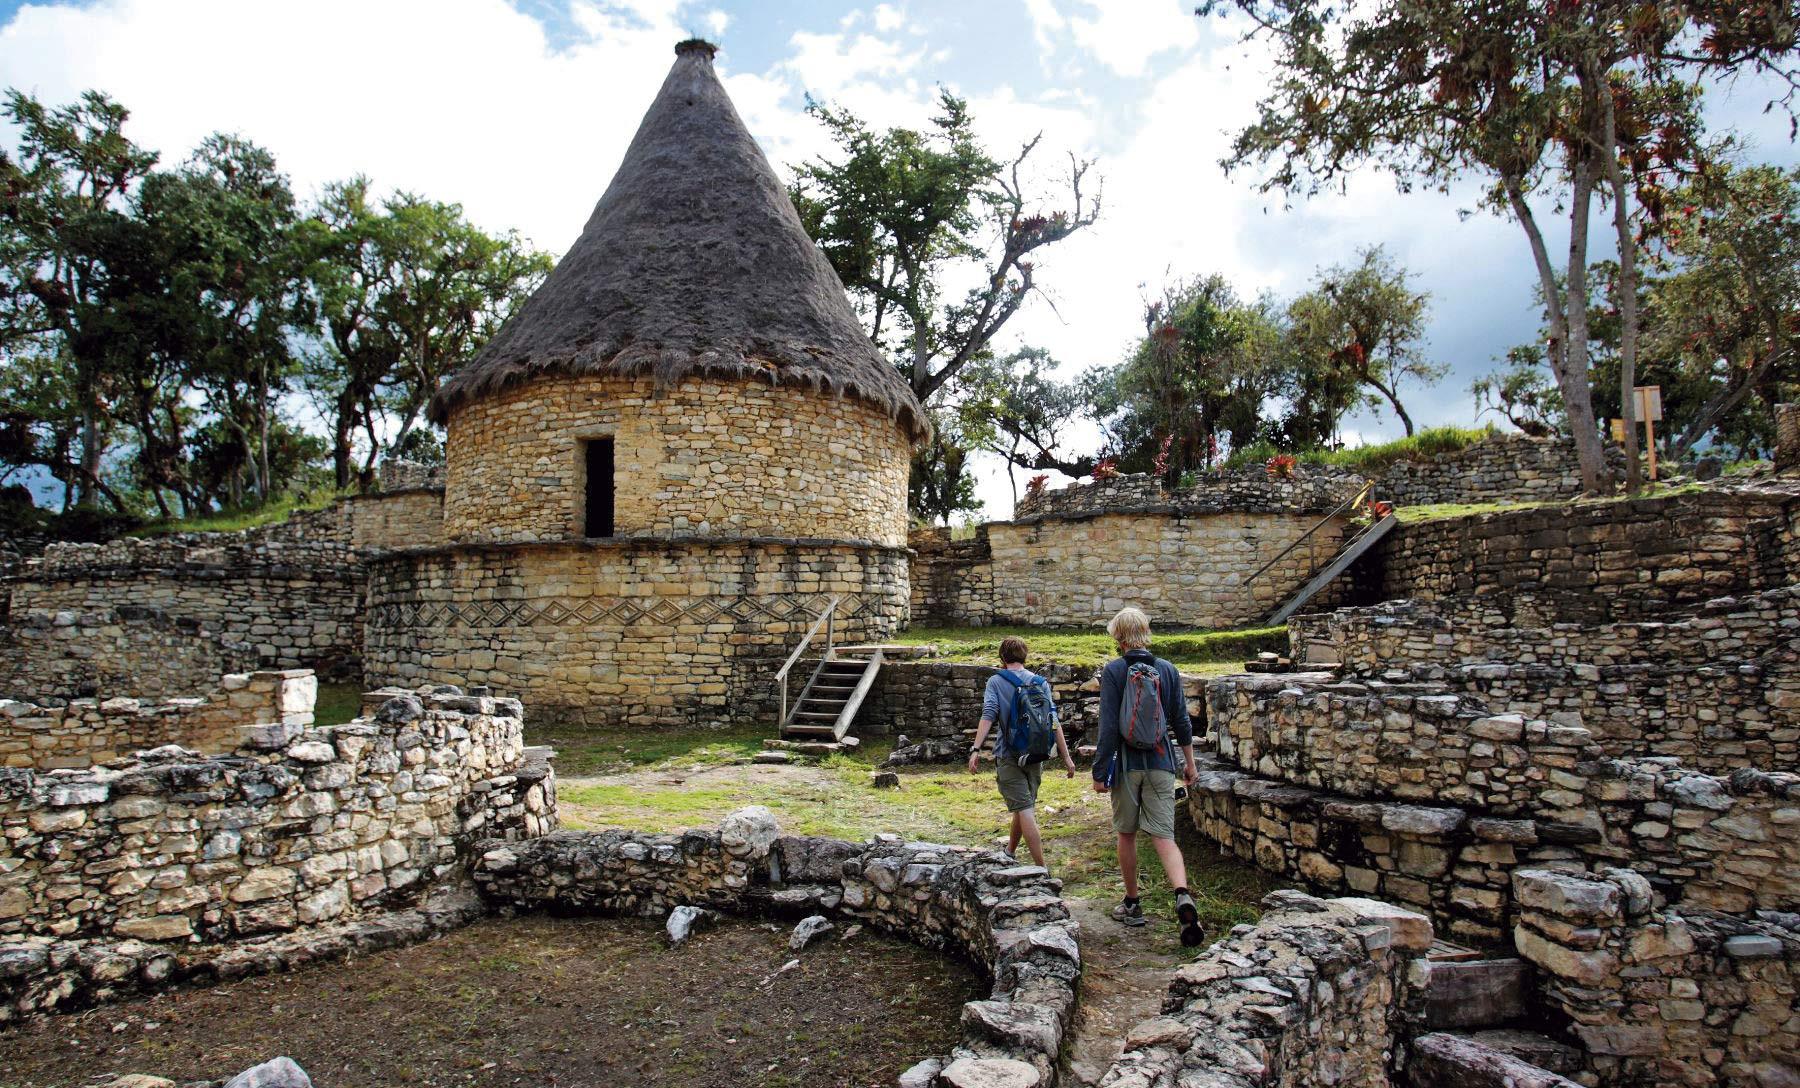 Turismo: recetas para la recuperación post Covid-19